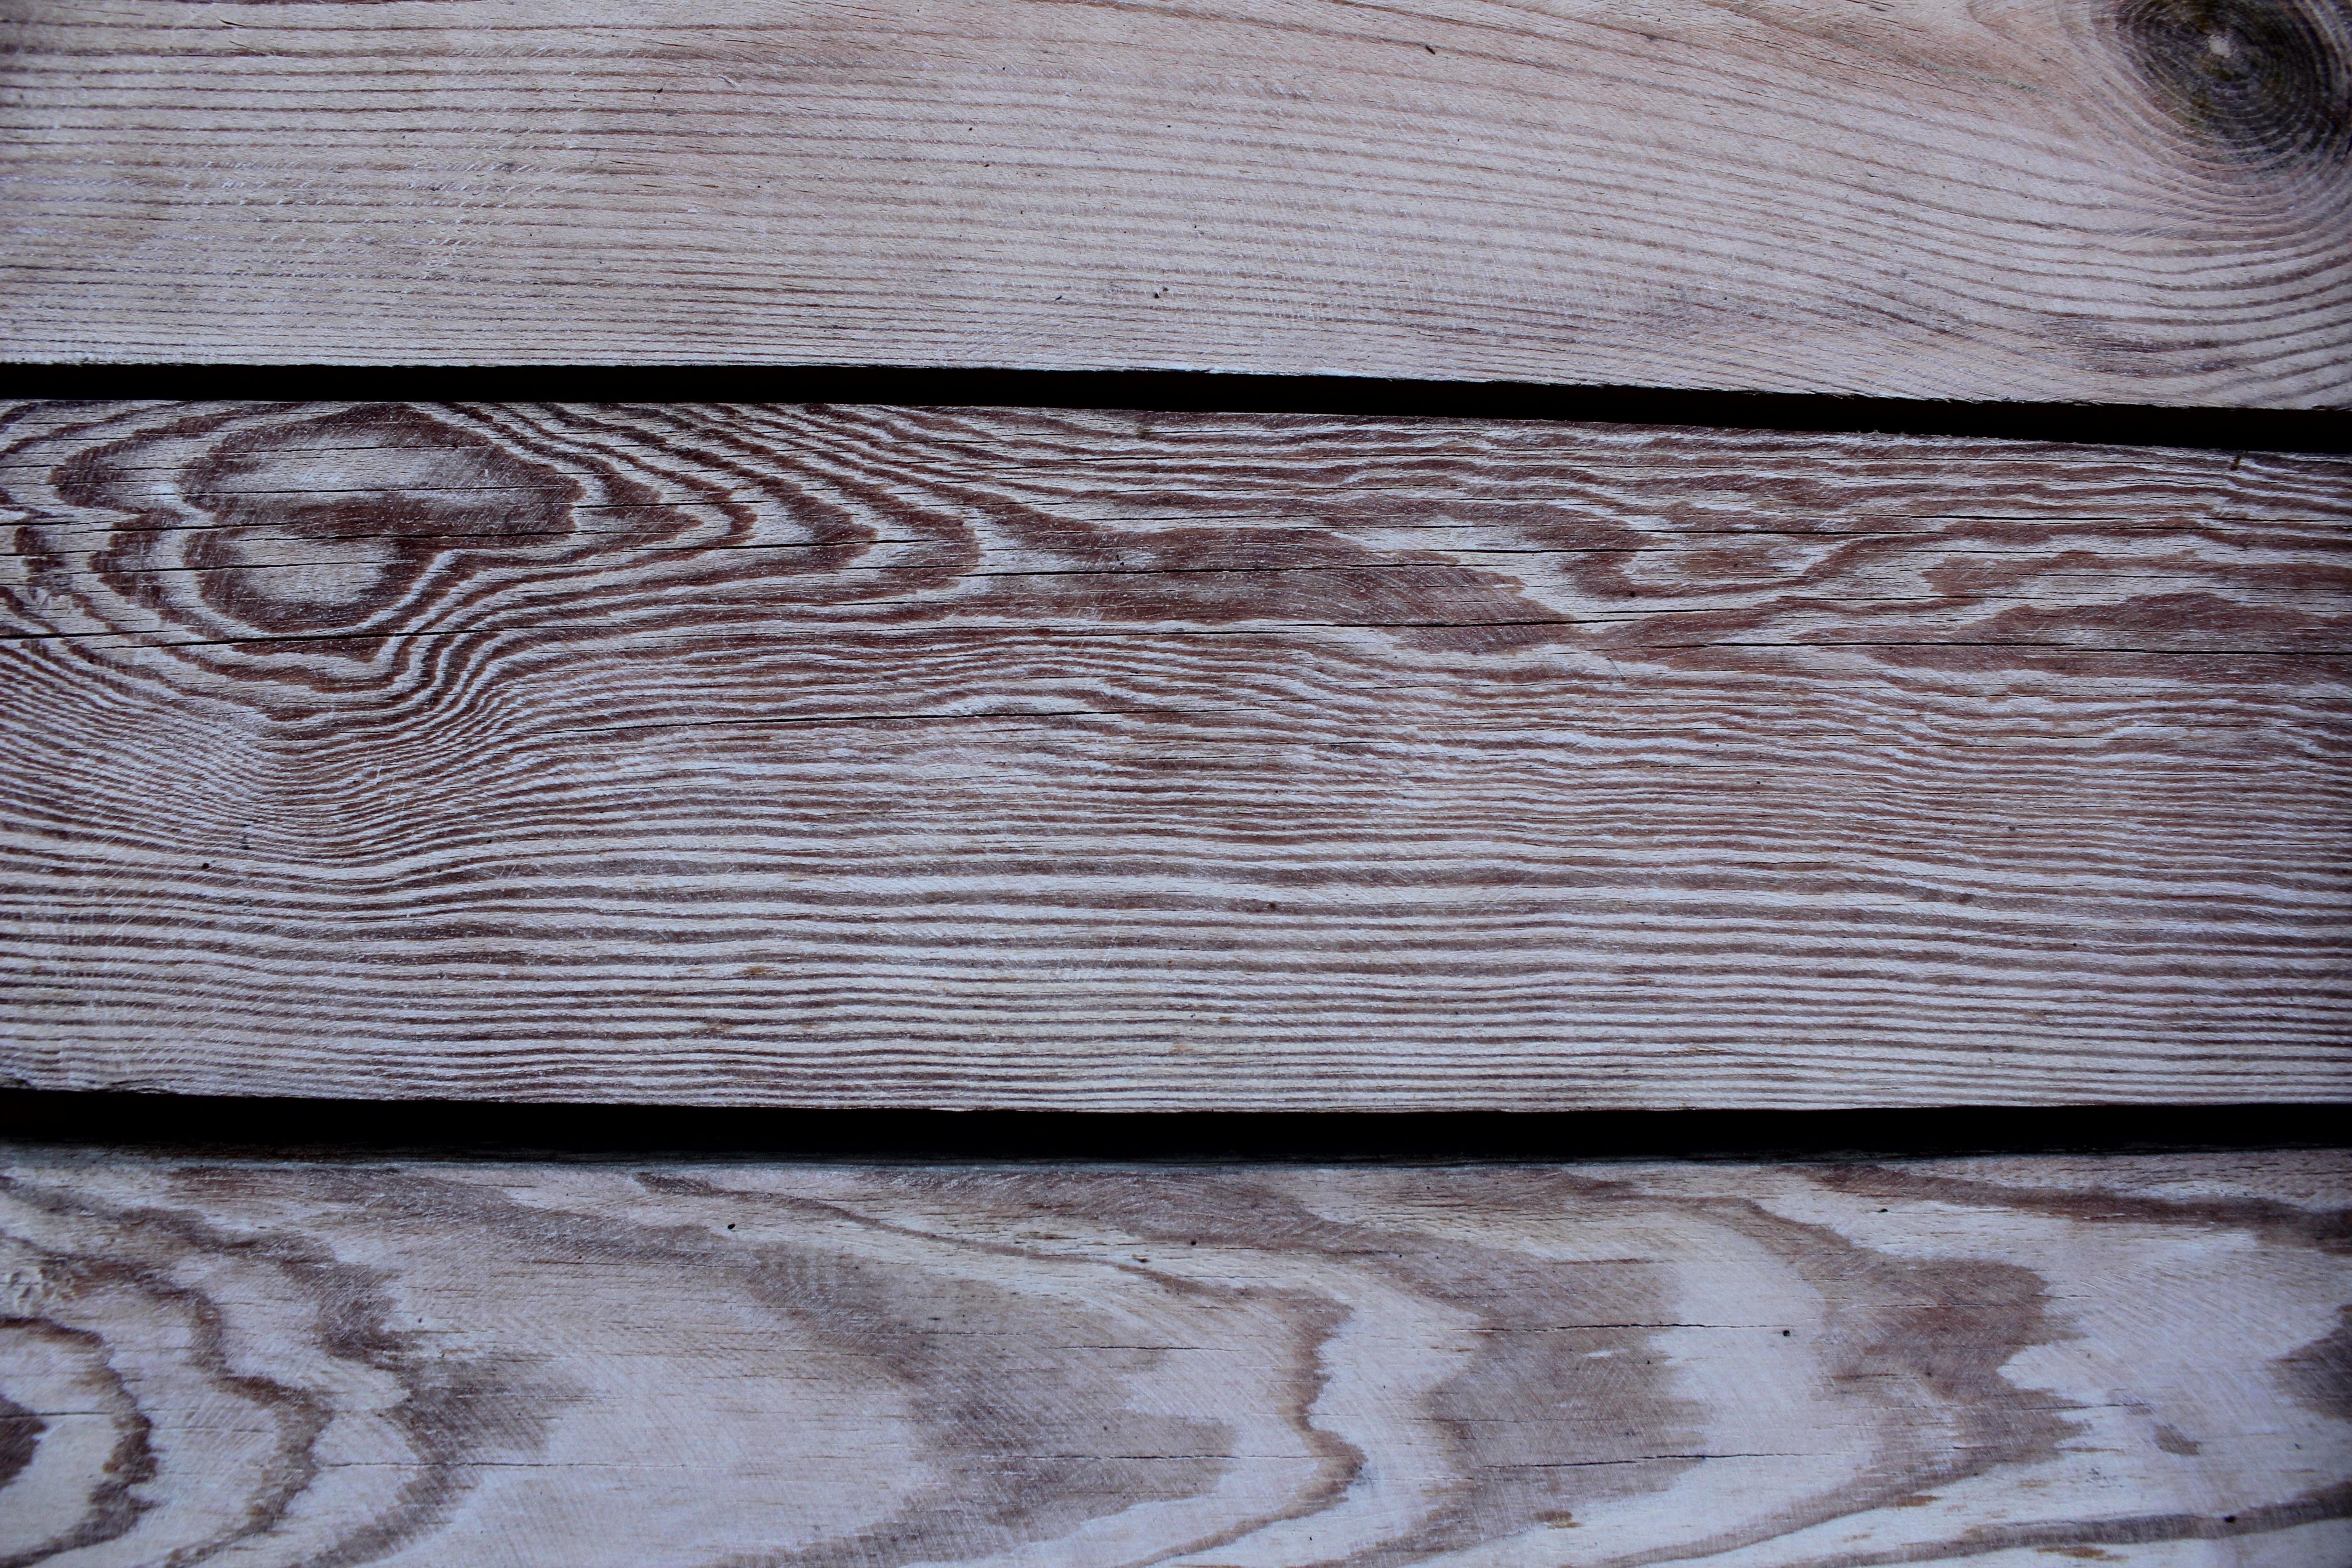 Fotos gratis textura piso fondo dibujo madera dura for Papel pintado suelo